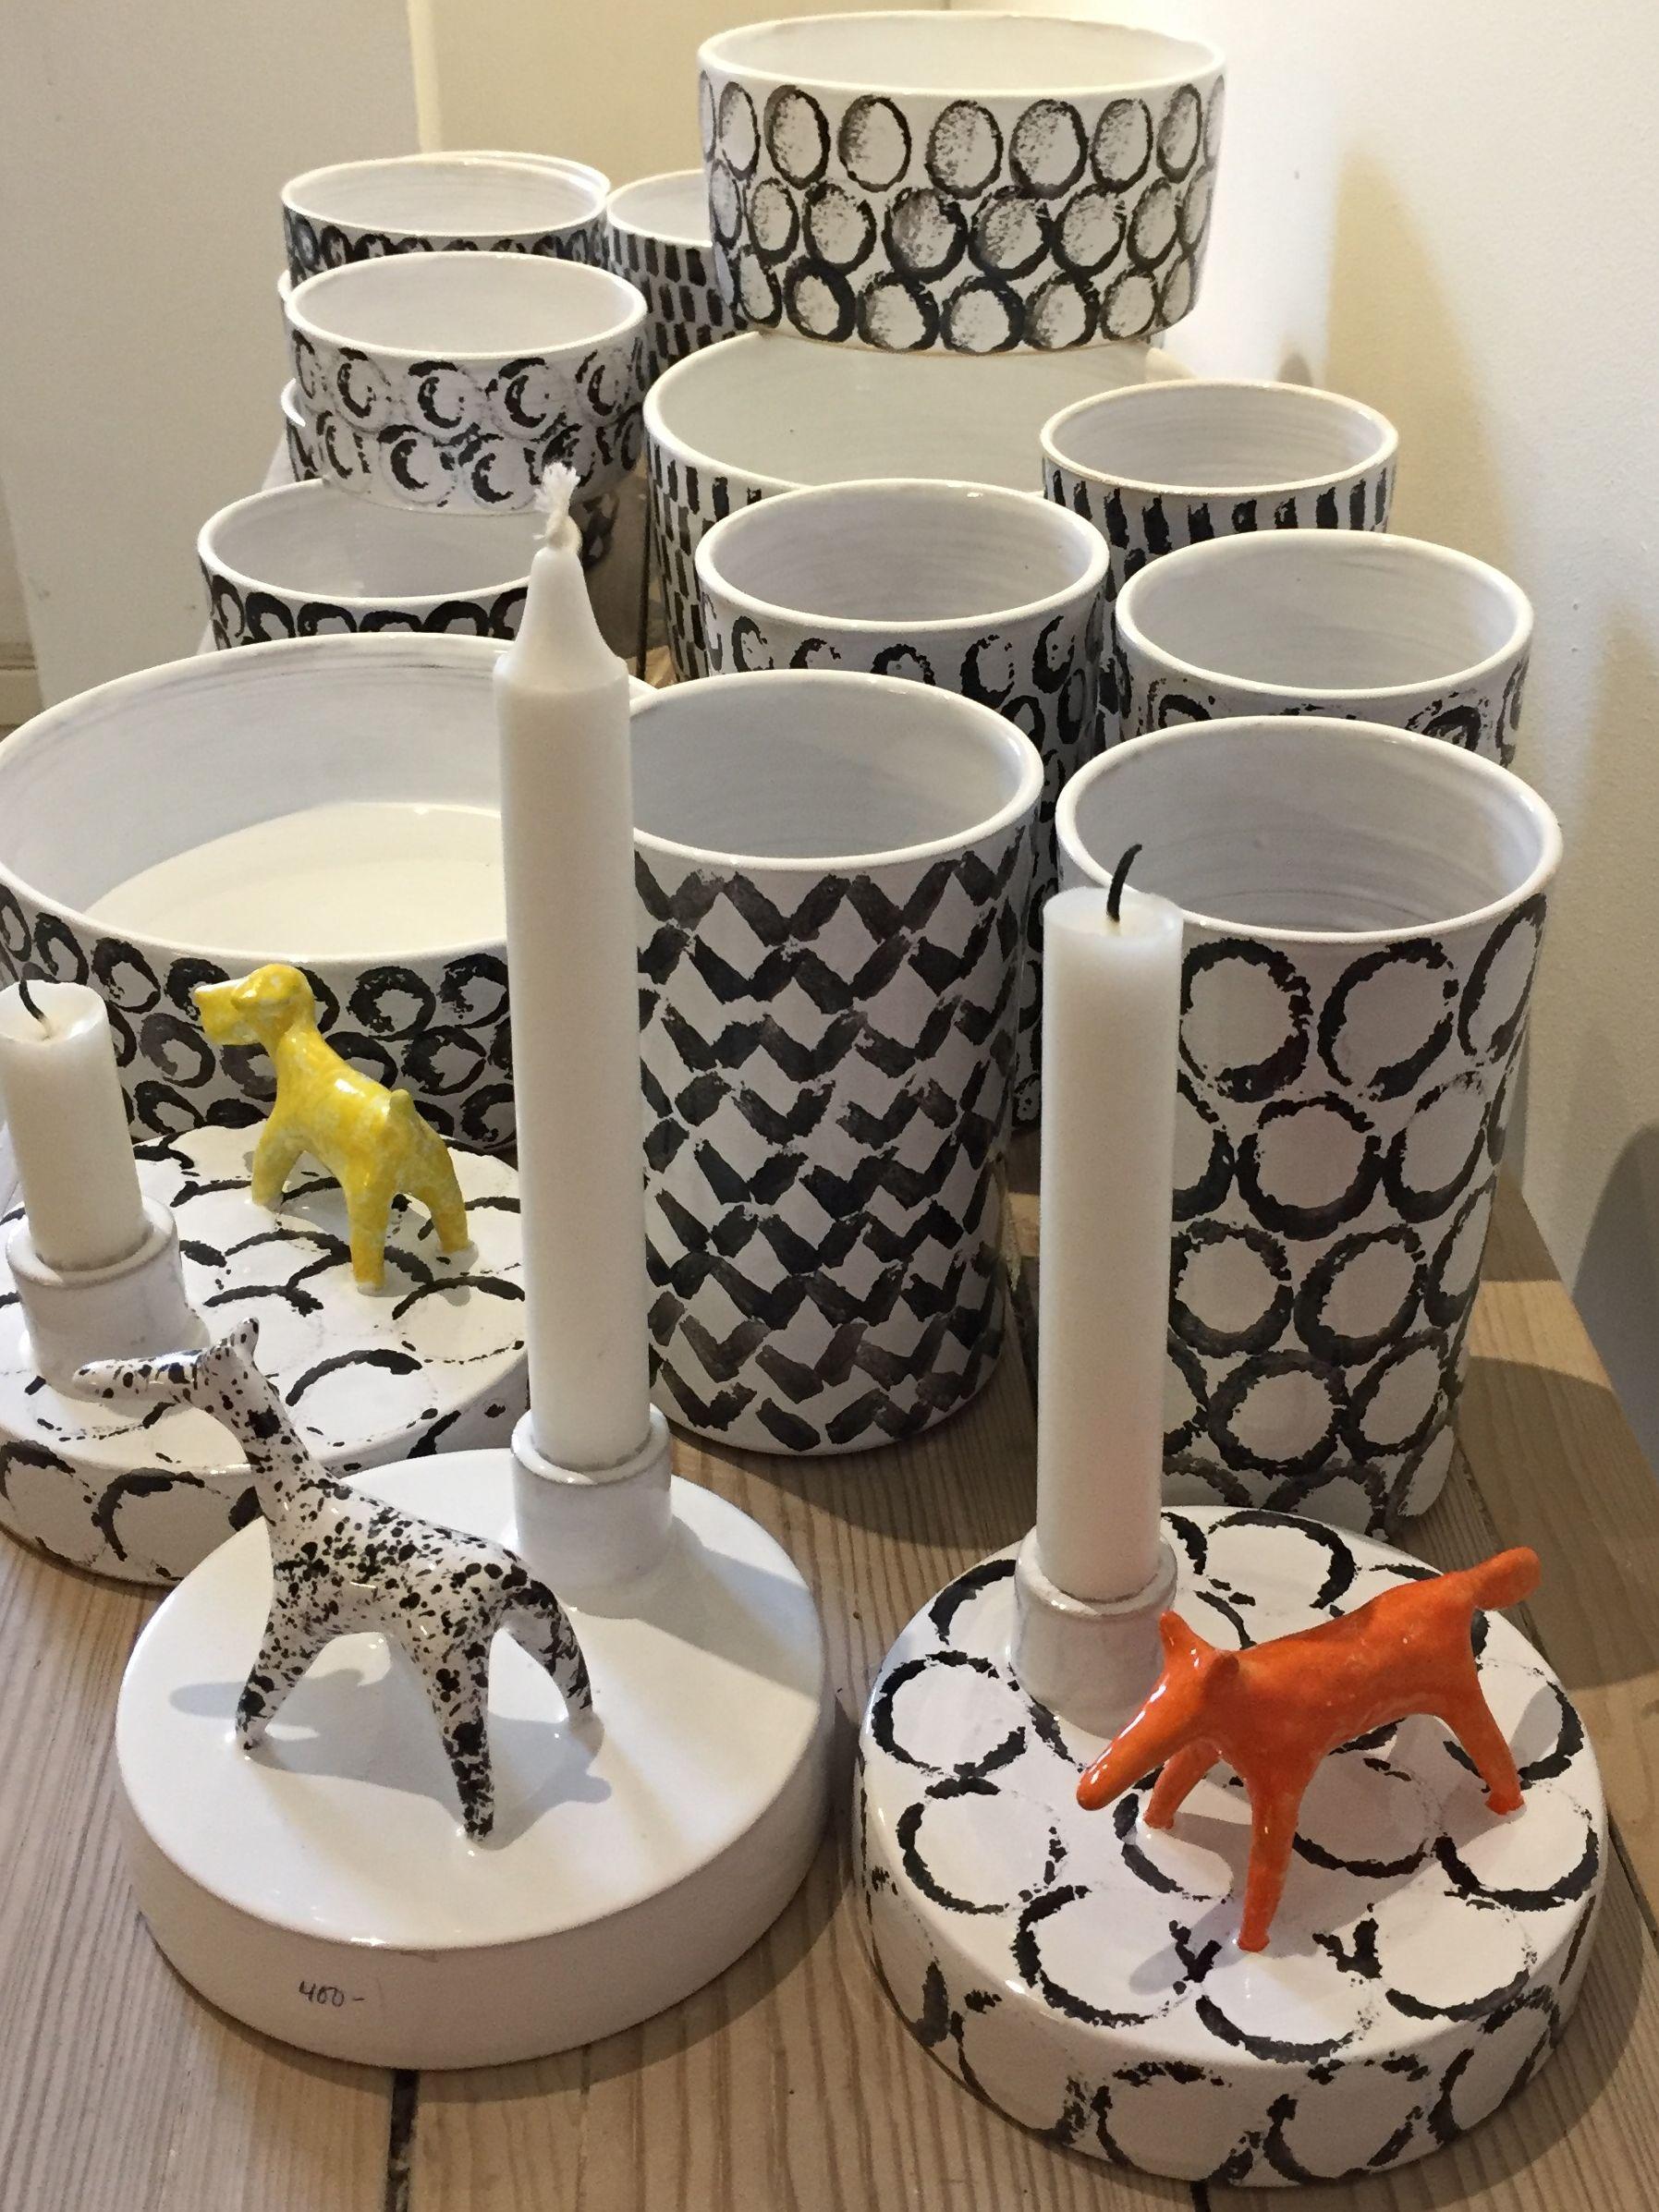 keramik vaser och ljusstakar